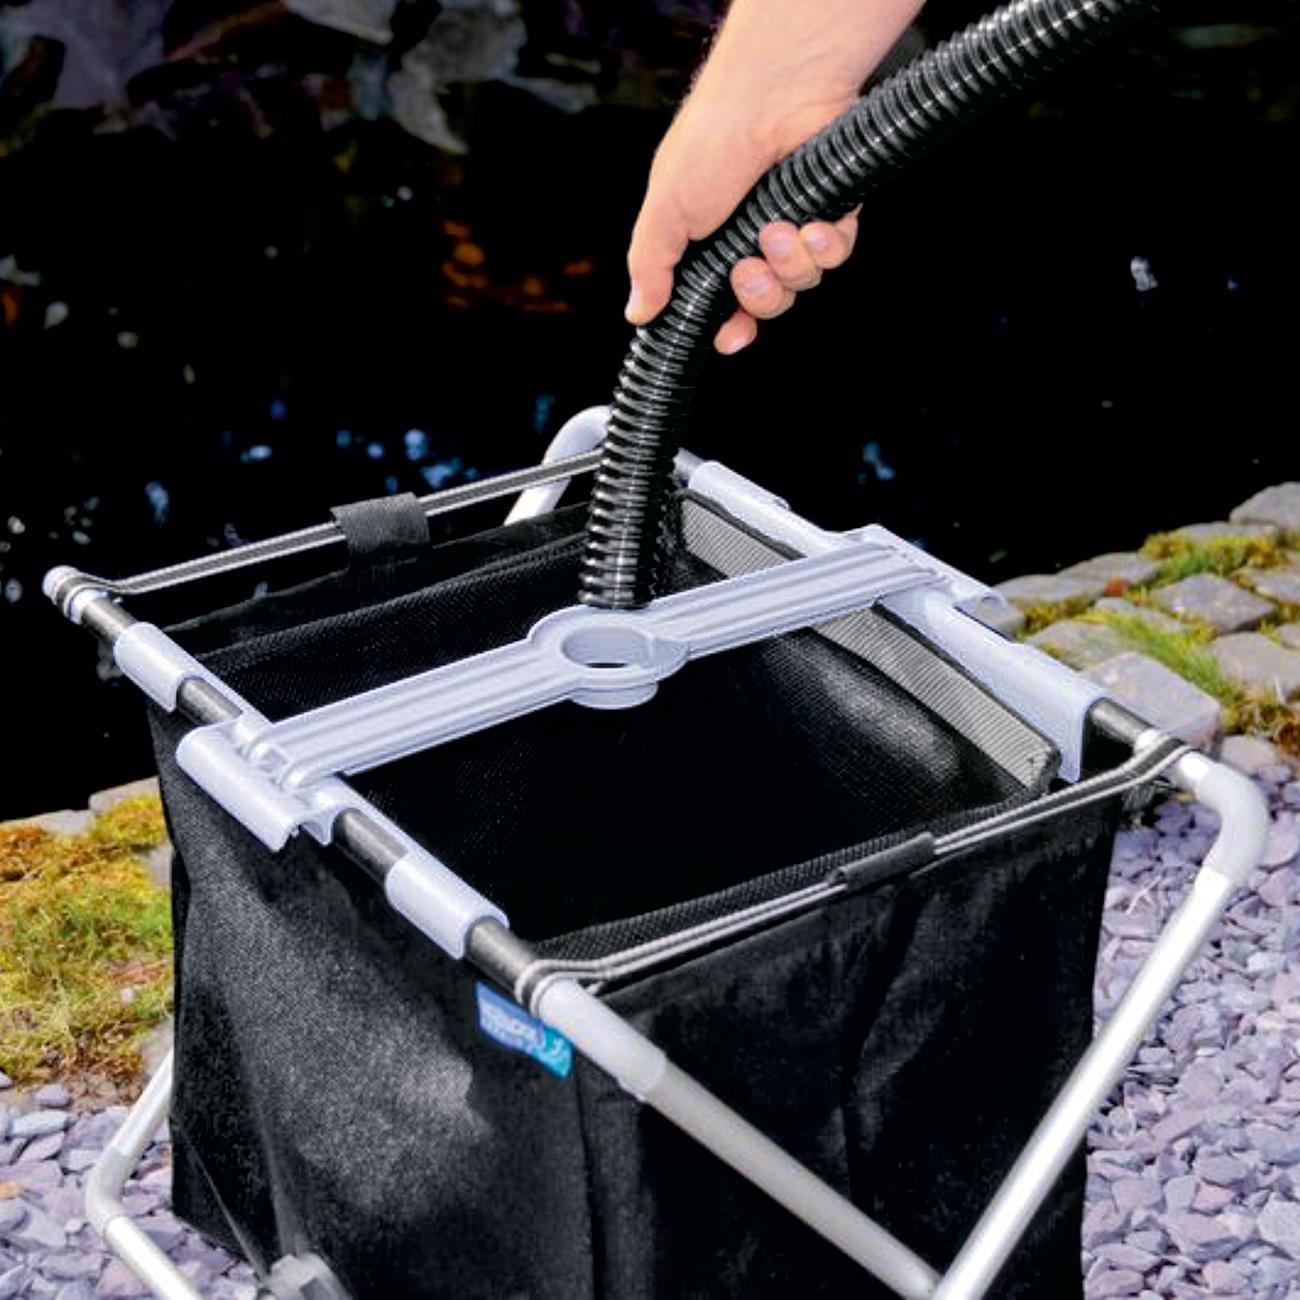 Aspirateur manuel pour bassins pond vac pas cher pro idee for Aspirateur pour bassin